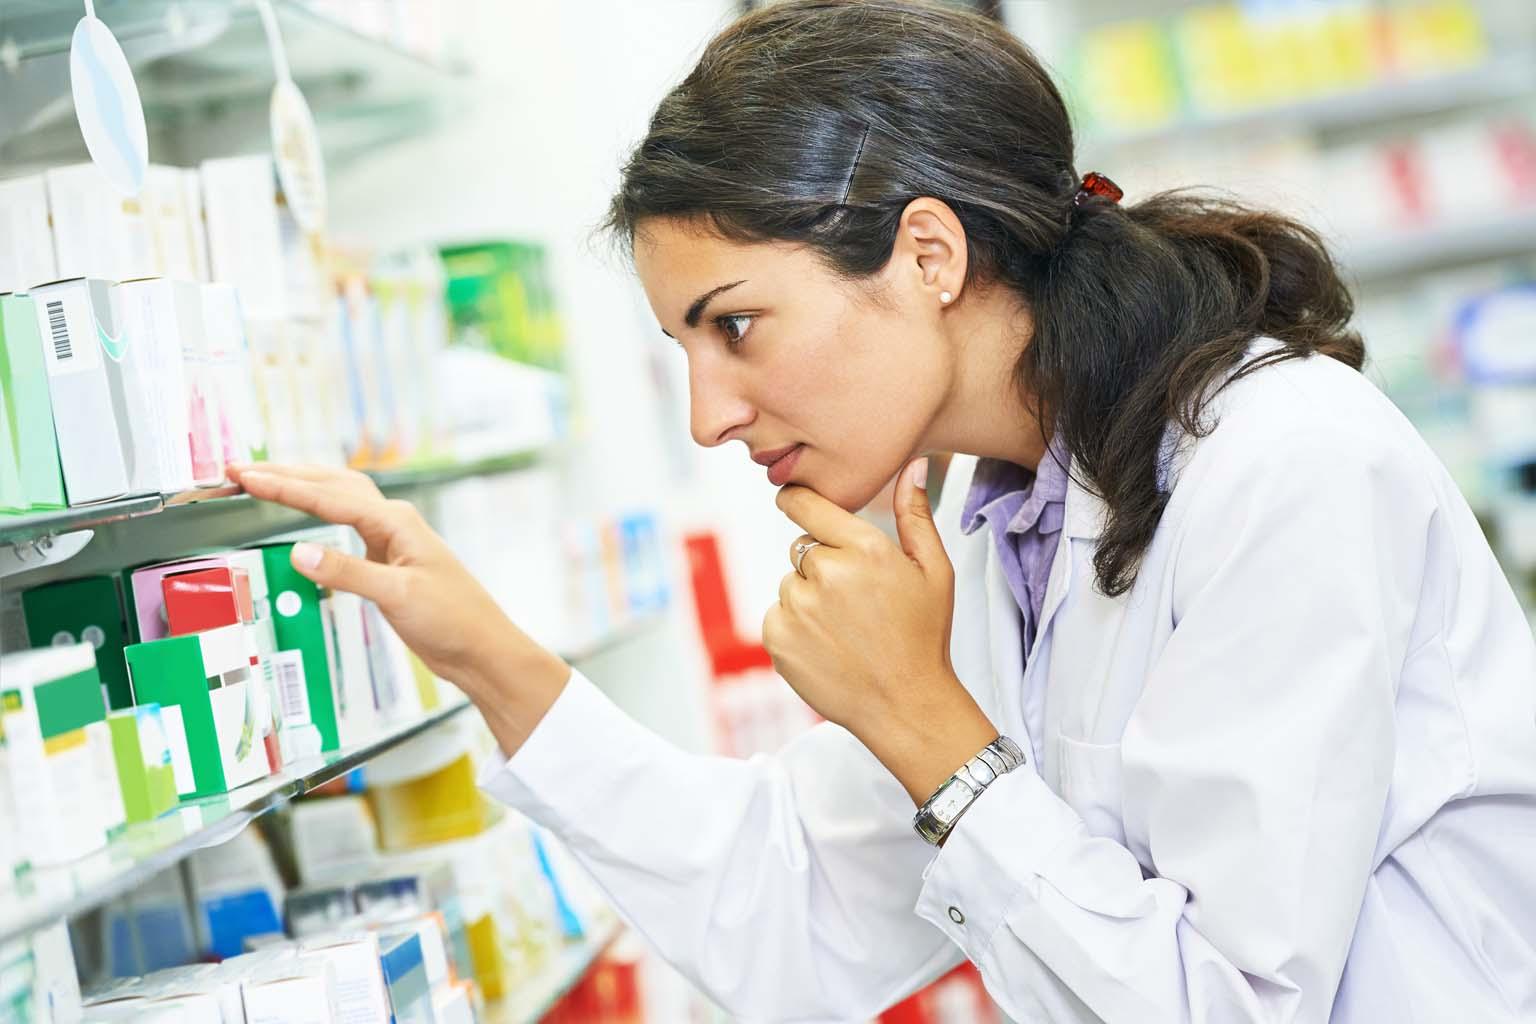 pharmacist examining medication in pharmacy